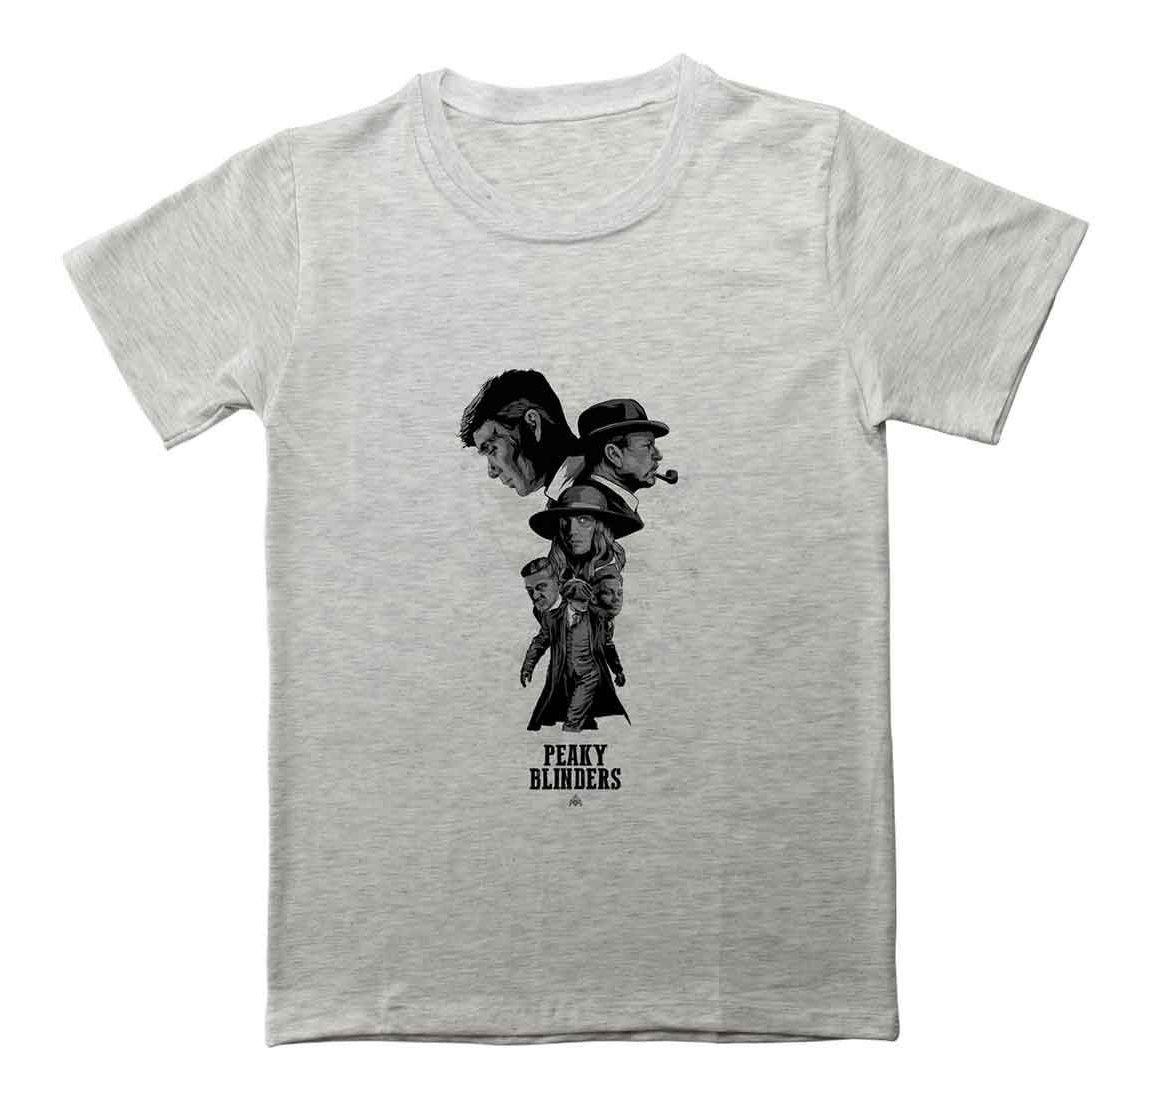 تی شرت مردانه طرح پیکی بلایندرز کد wtk597 main 1 1